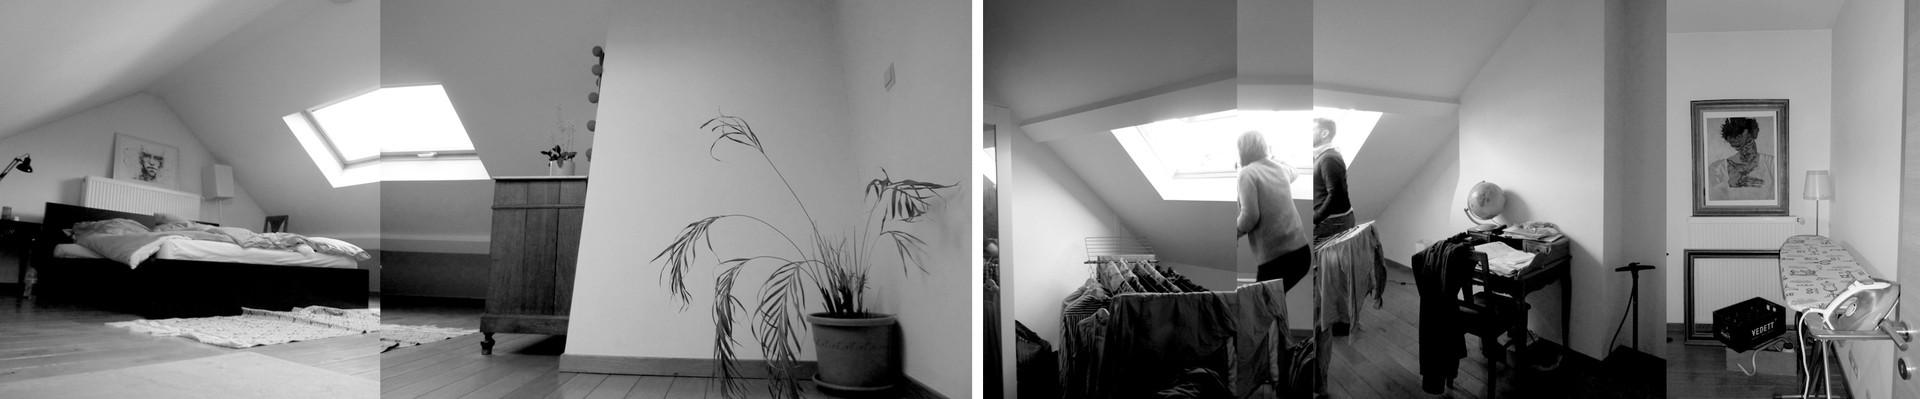 photographie avant | chambres & buerau